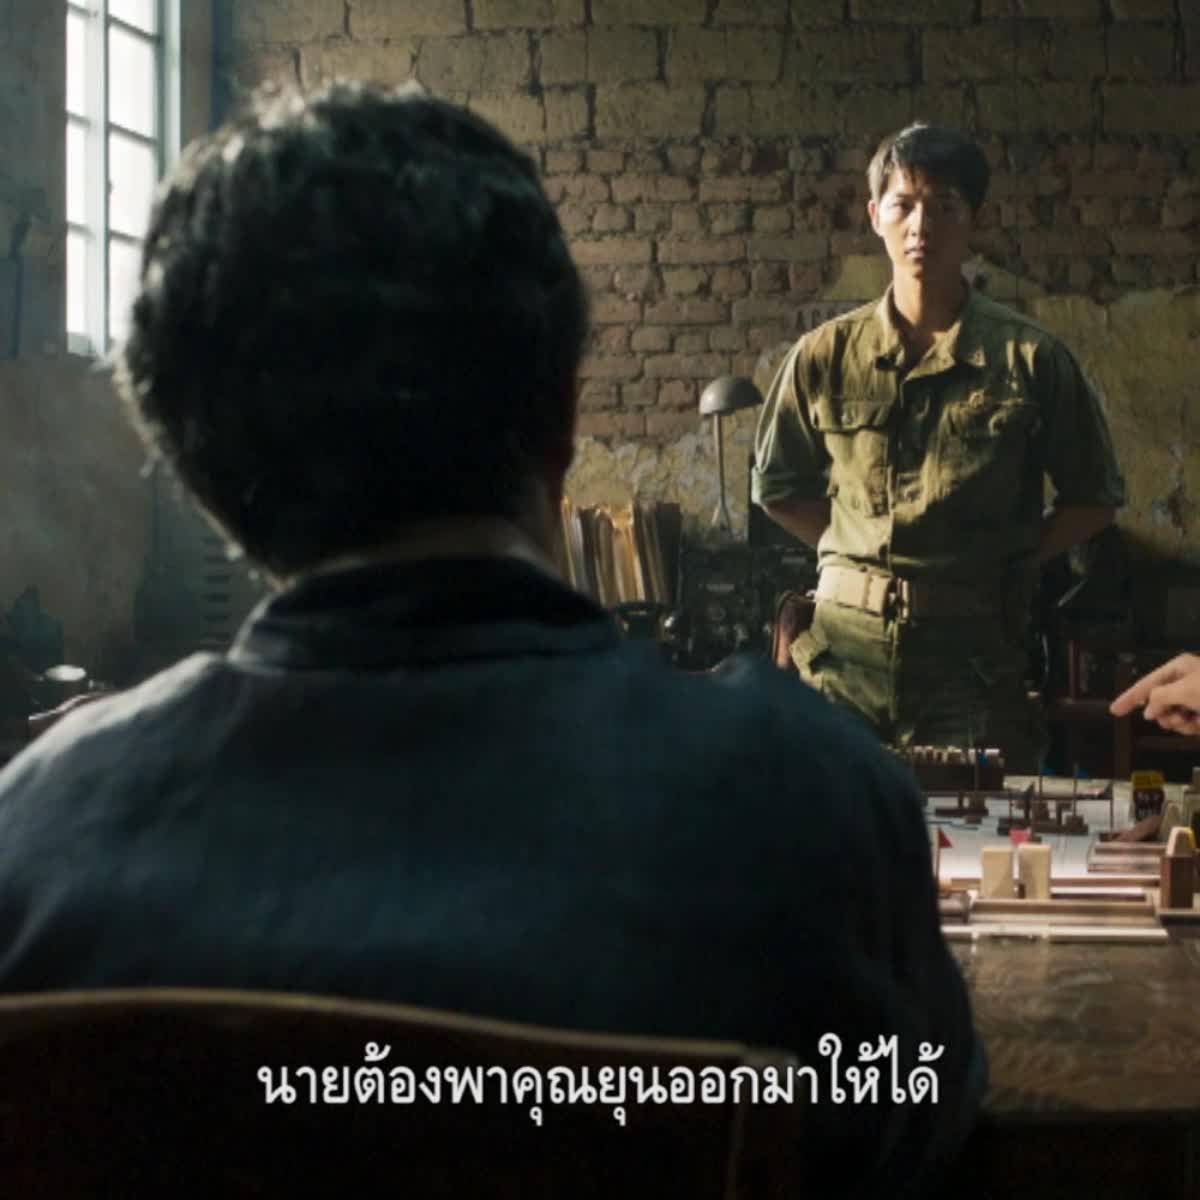 นายต้องพาคุณยุนออกมาให้ได้!! ซงจุงกิ รับหน้าที่ในภาพยนตร์ The Battleship Island